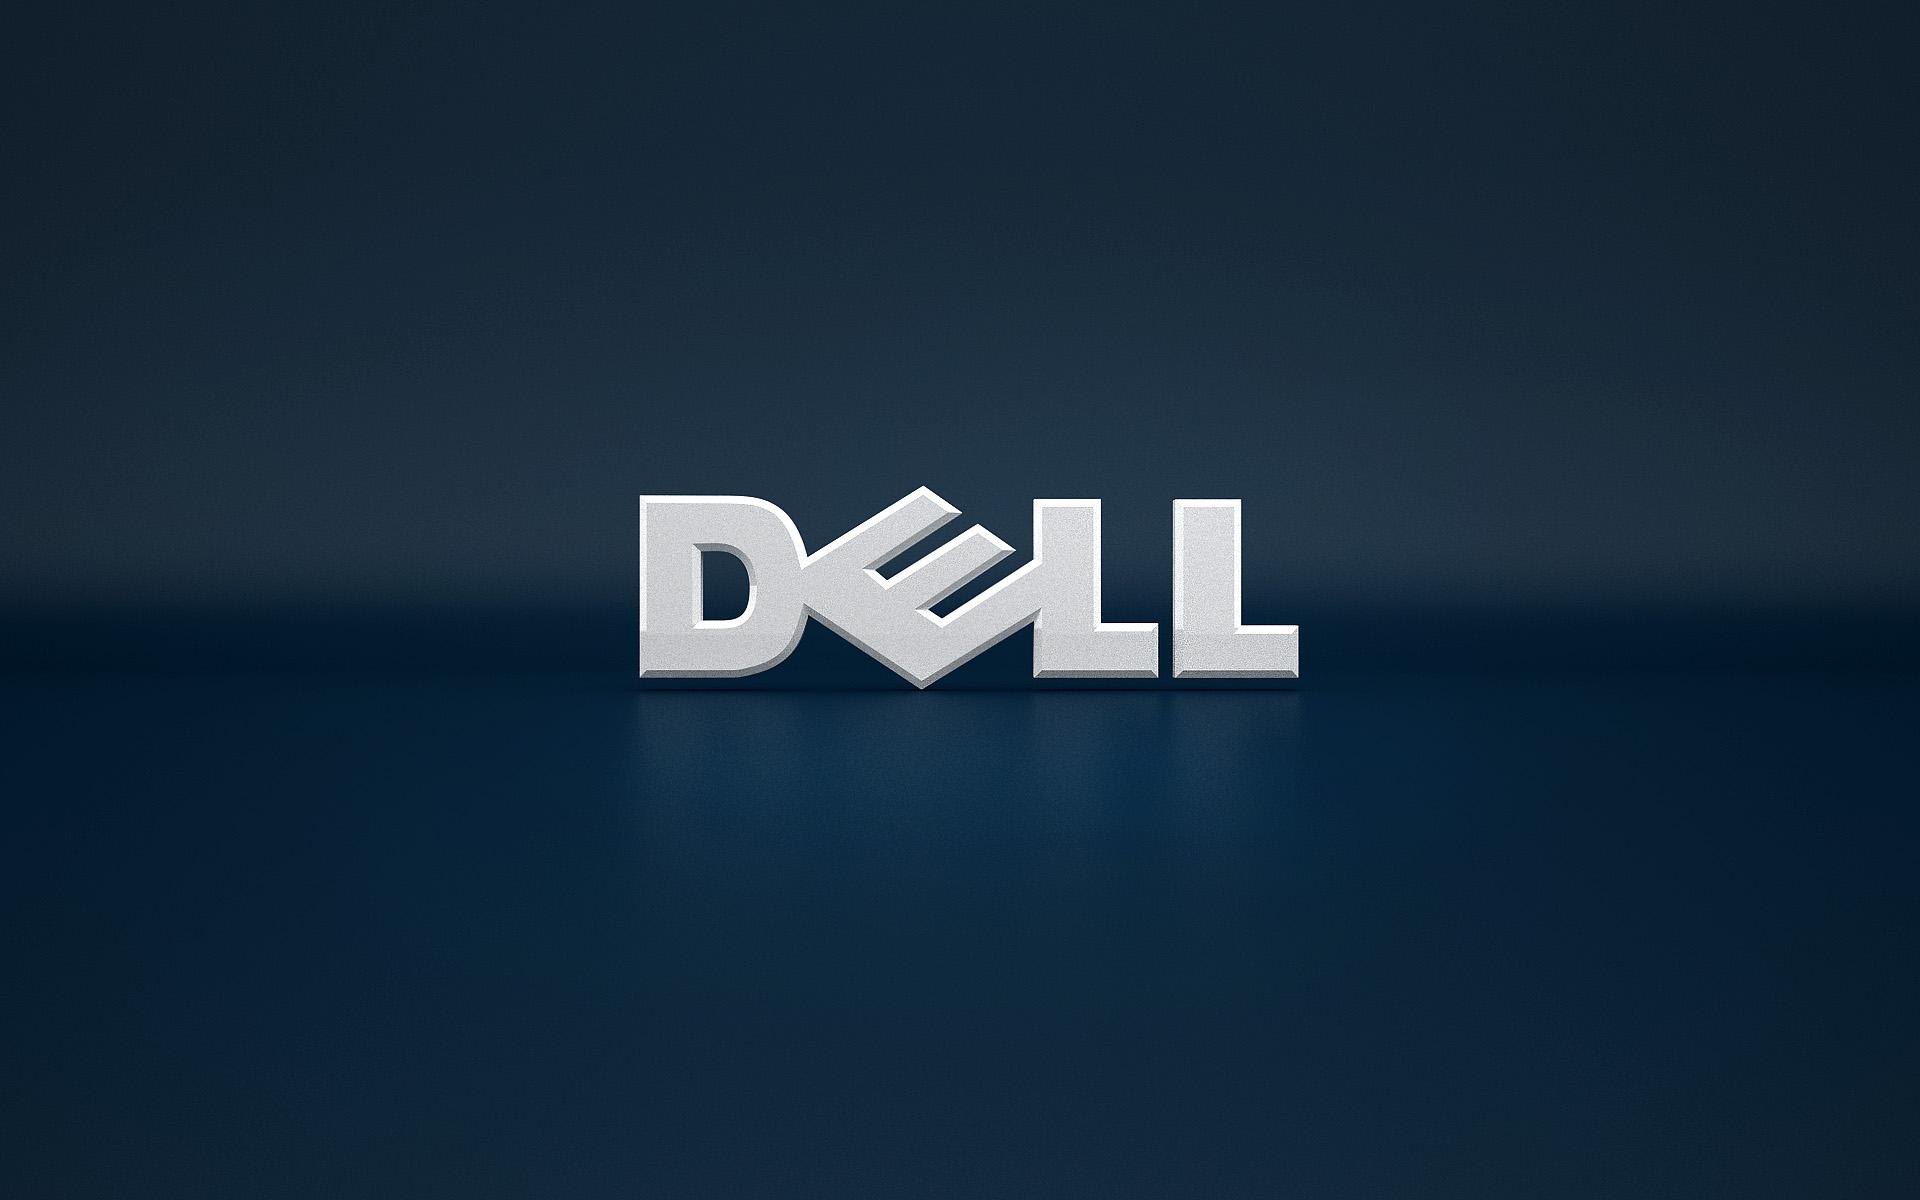 Dell Logo Wallpaper